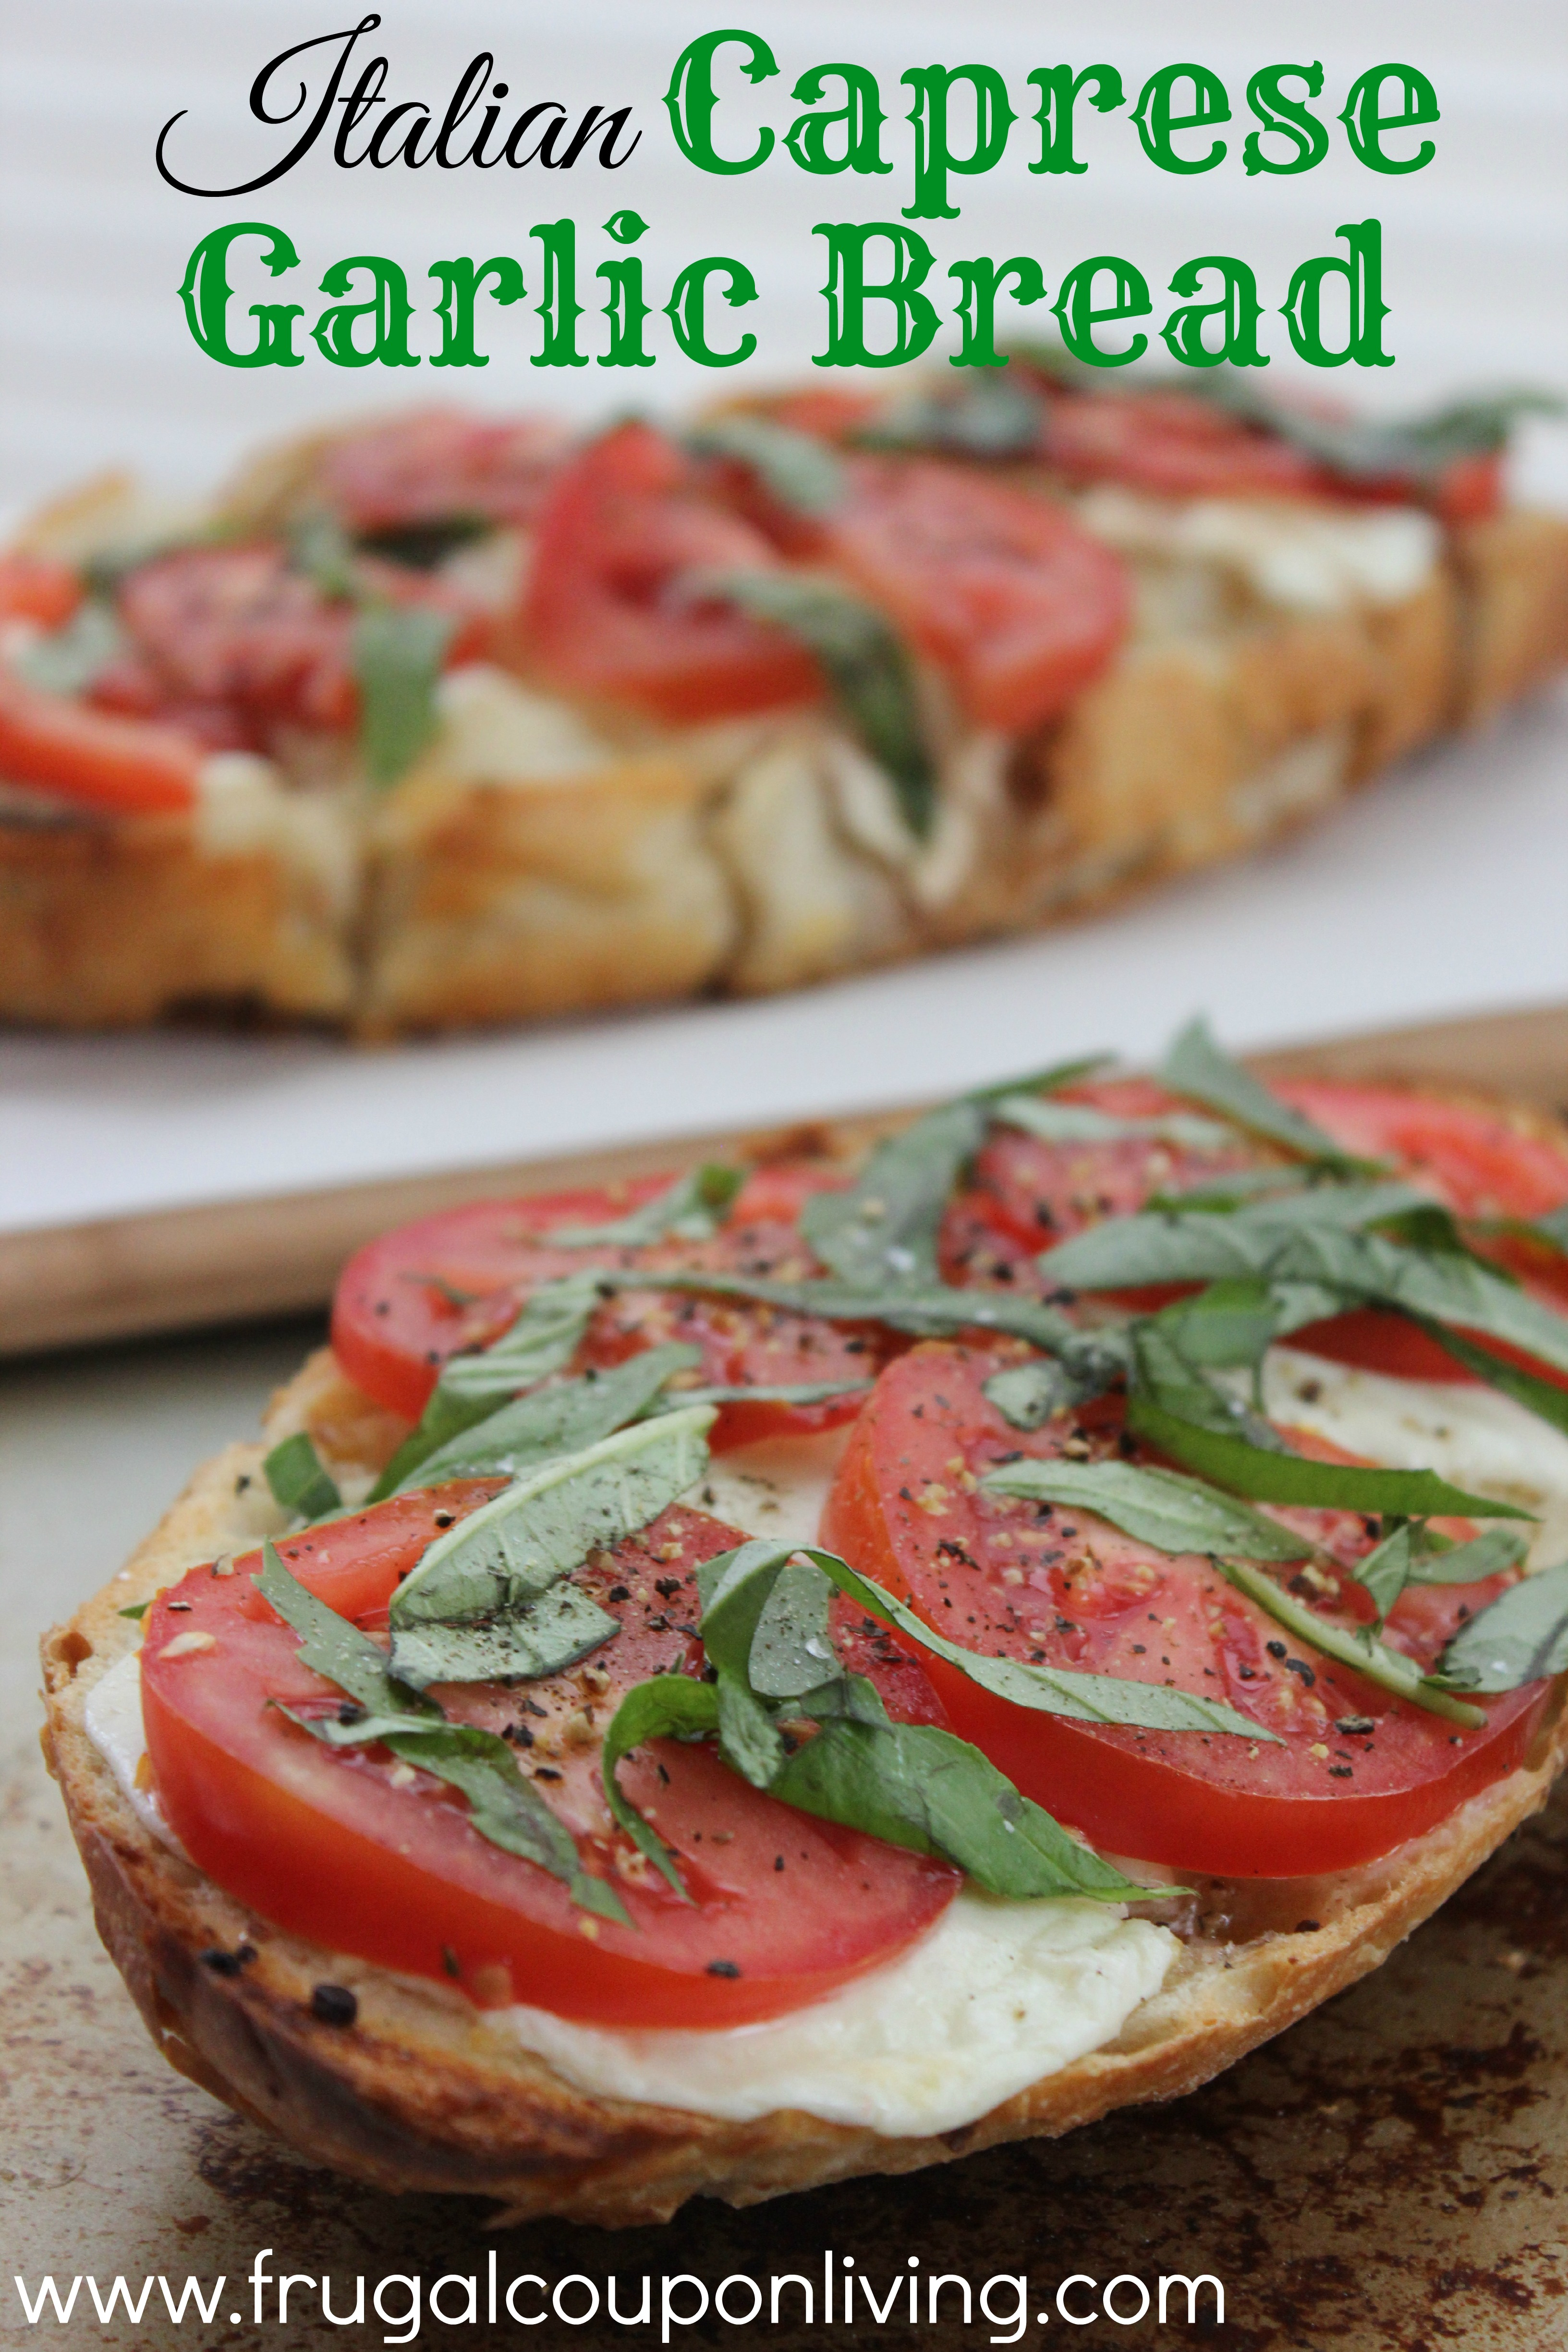 Italian Caprese Garlic Bread Recipe - Tomatoes, Mozzarella and Basil